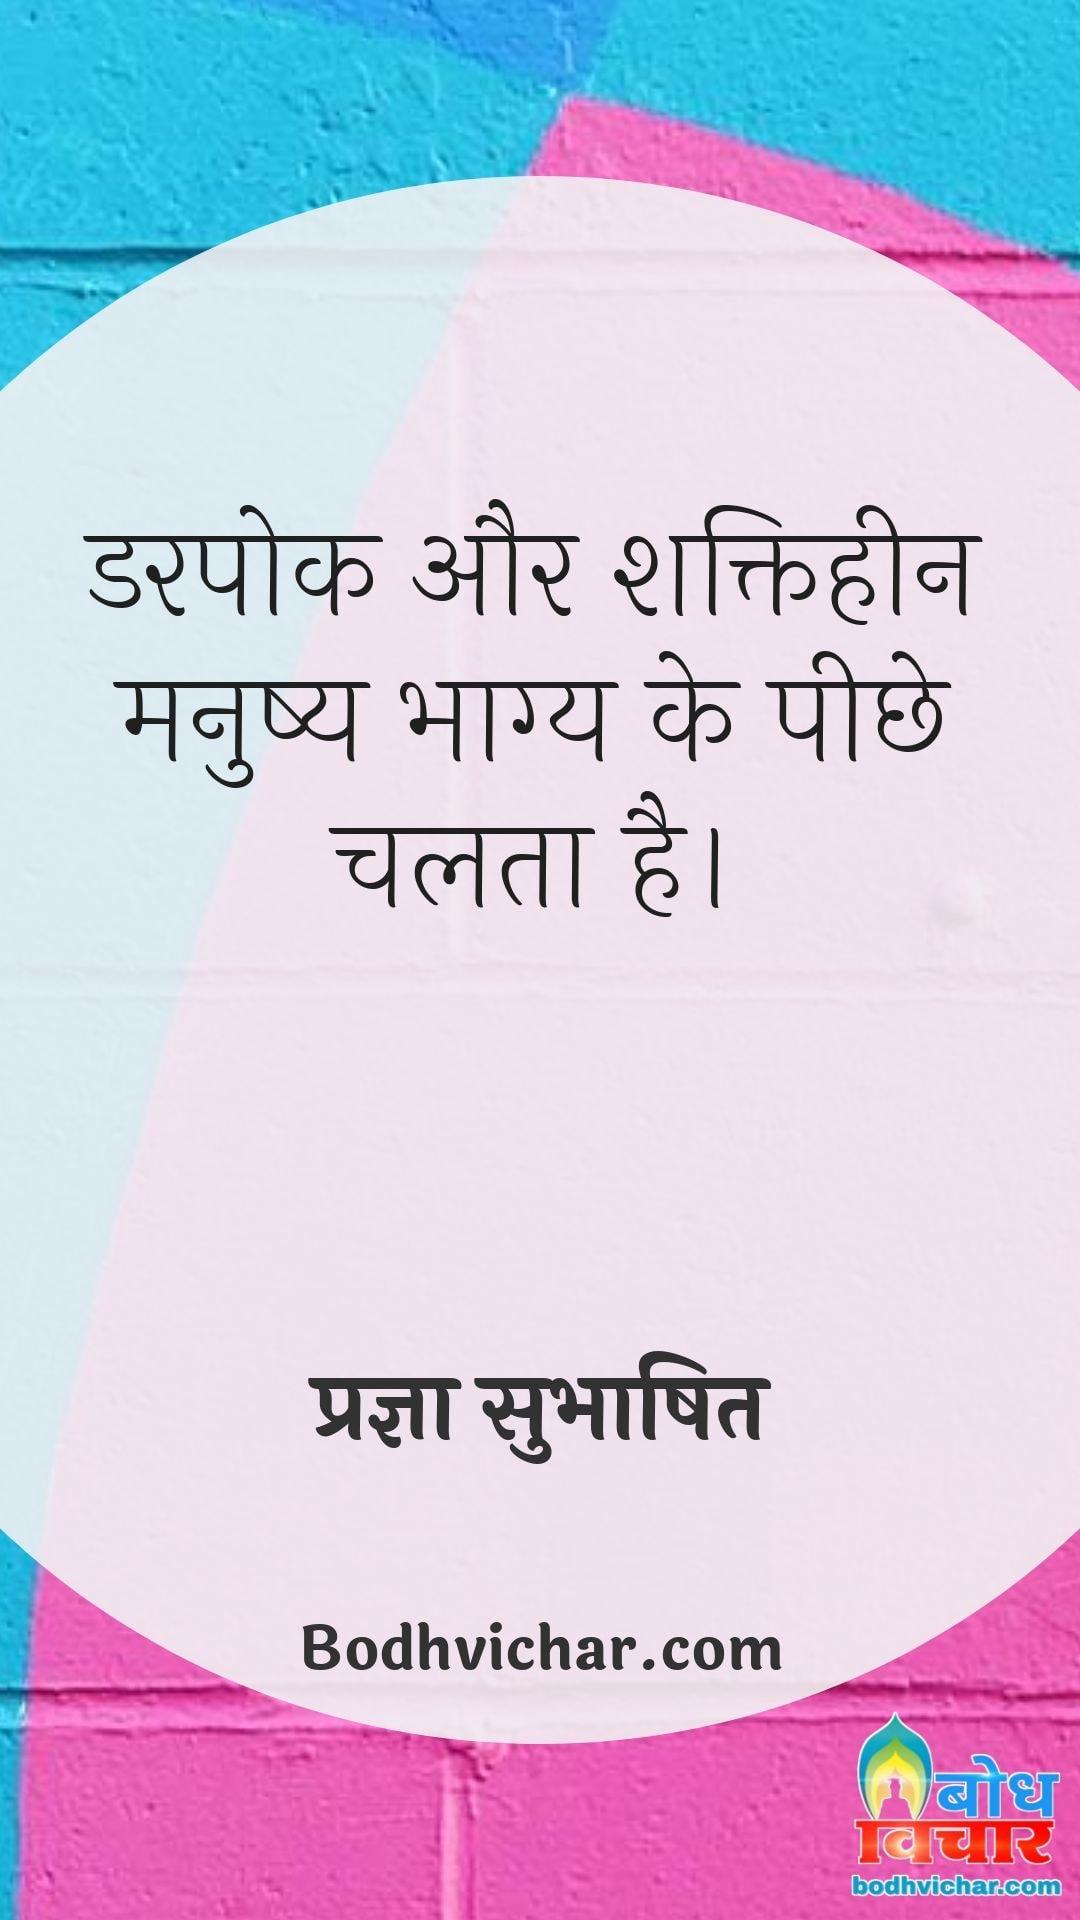 डरपोक और शक्तिहीन मनुष्य भाग्य के पीछे चलता है। : Darpok aur shaktiheen manushya bhagya ke peechhe chalta hai - प्रज्ञा सुभाषित